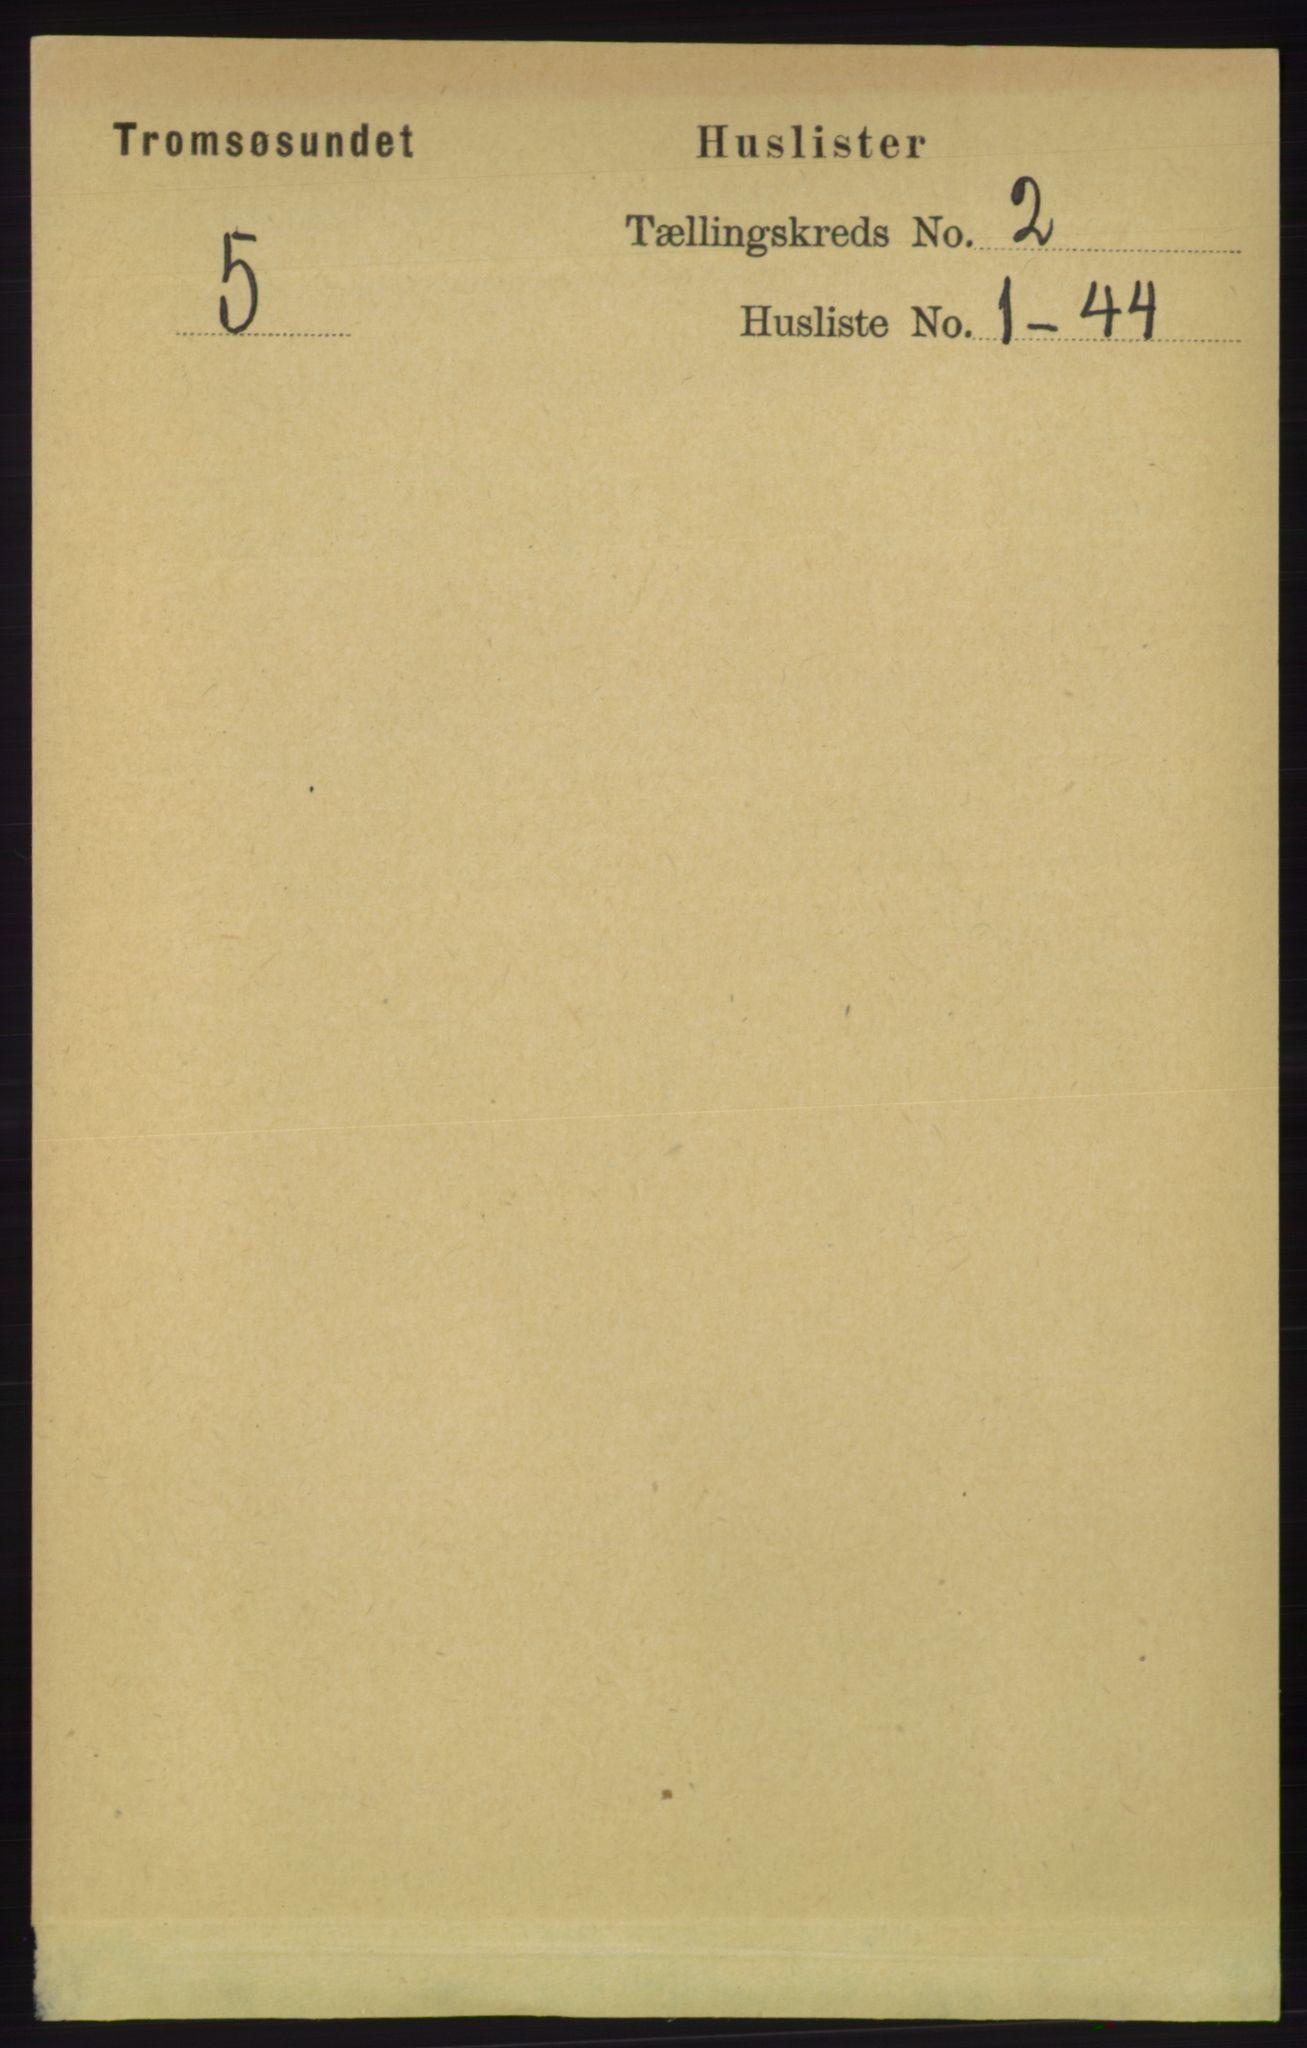 RA, Folketelling 1891 for 1934 Tromsøysund herred, 1891, s. 512